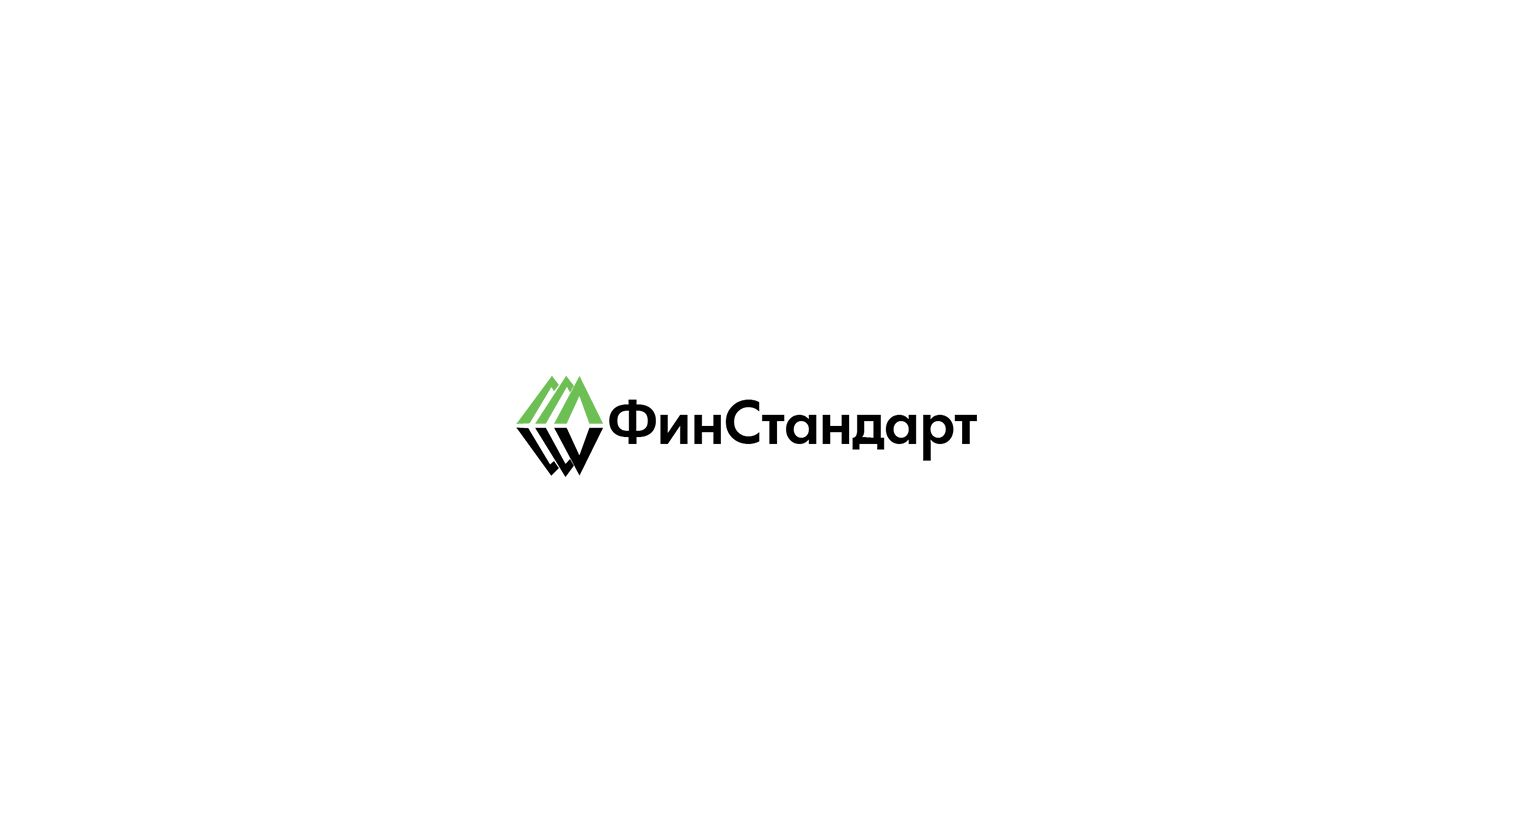 Лого и ФС для ФинСтандарт - дизайнер SmolinDenis